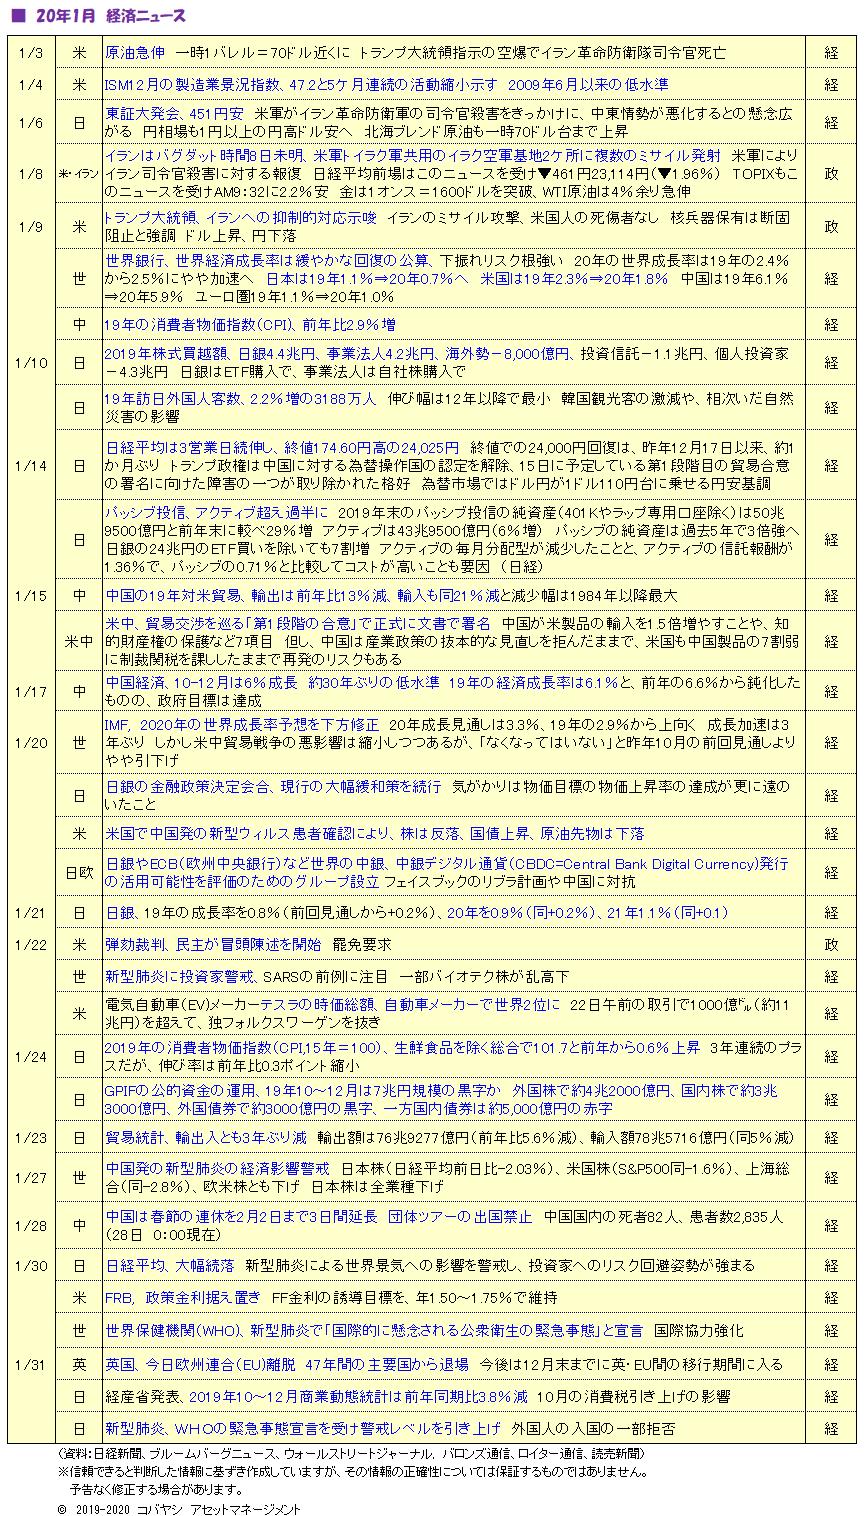 2002経済ニュース